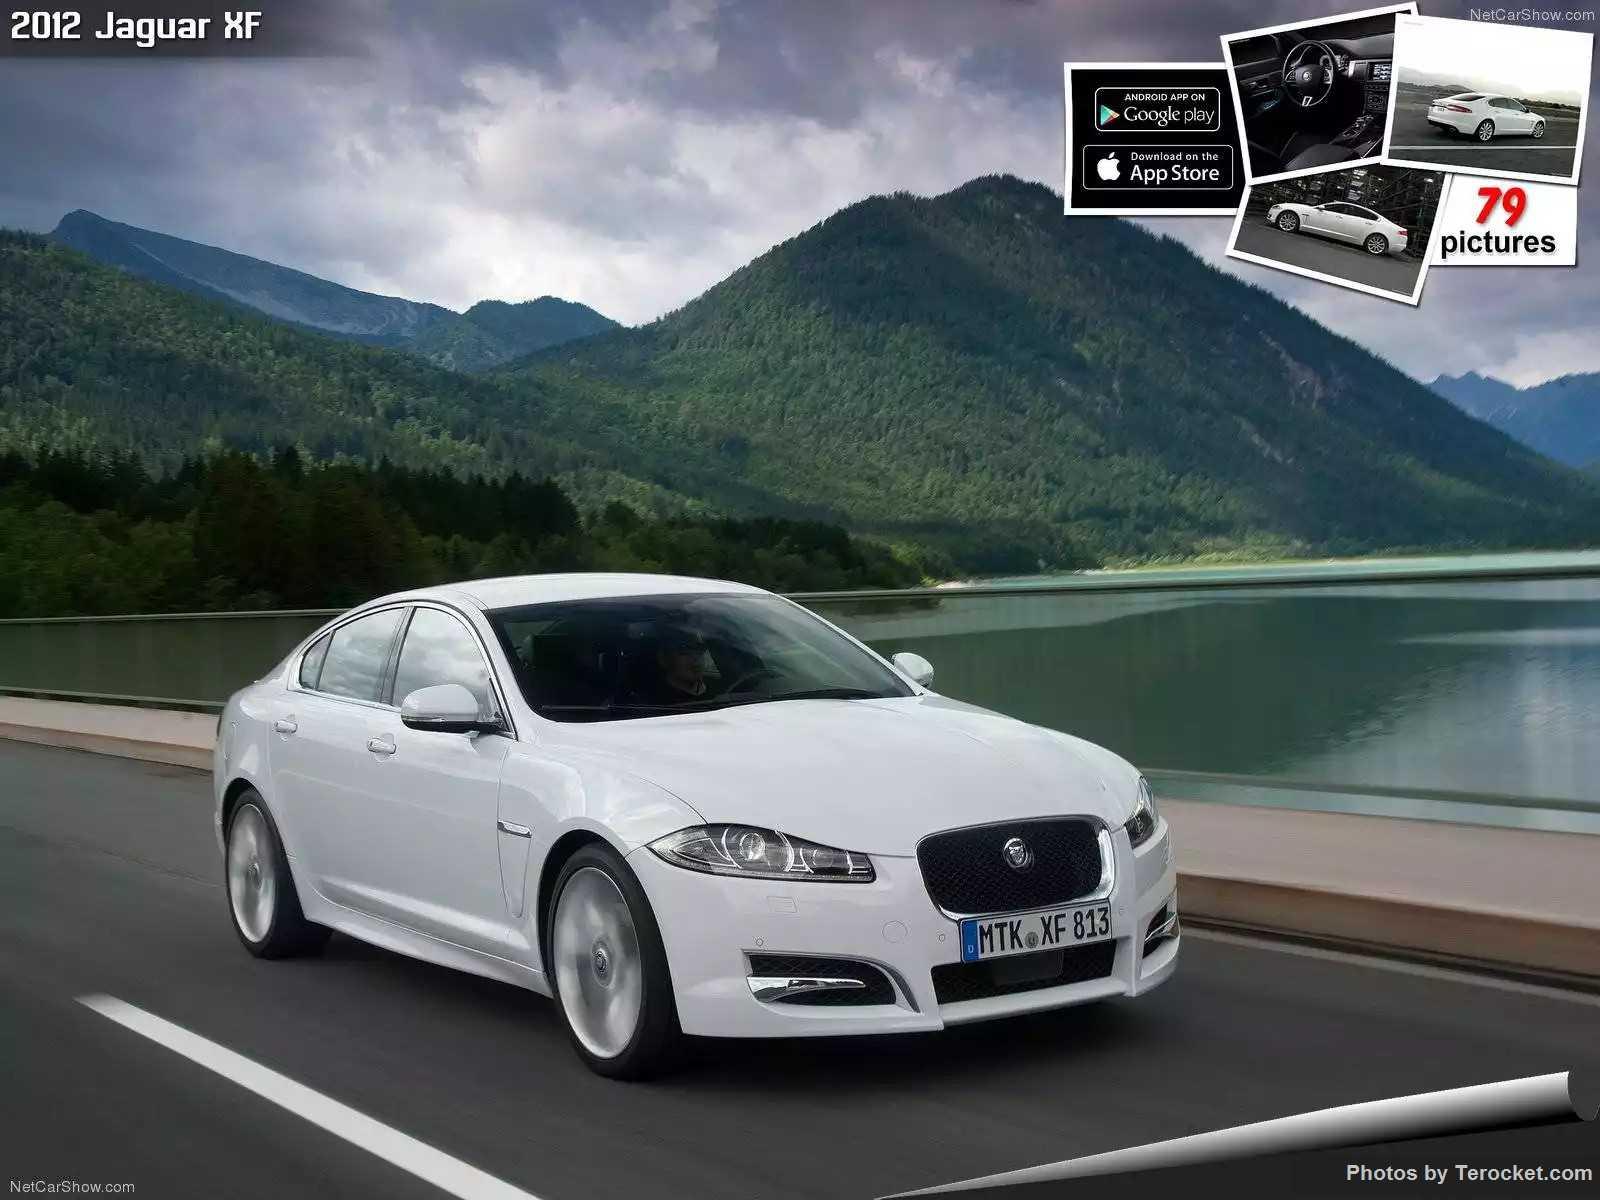 Hình ảnh xe ô tô Jaguar XF 2012 & nội ngoại thất